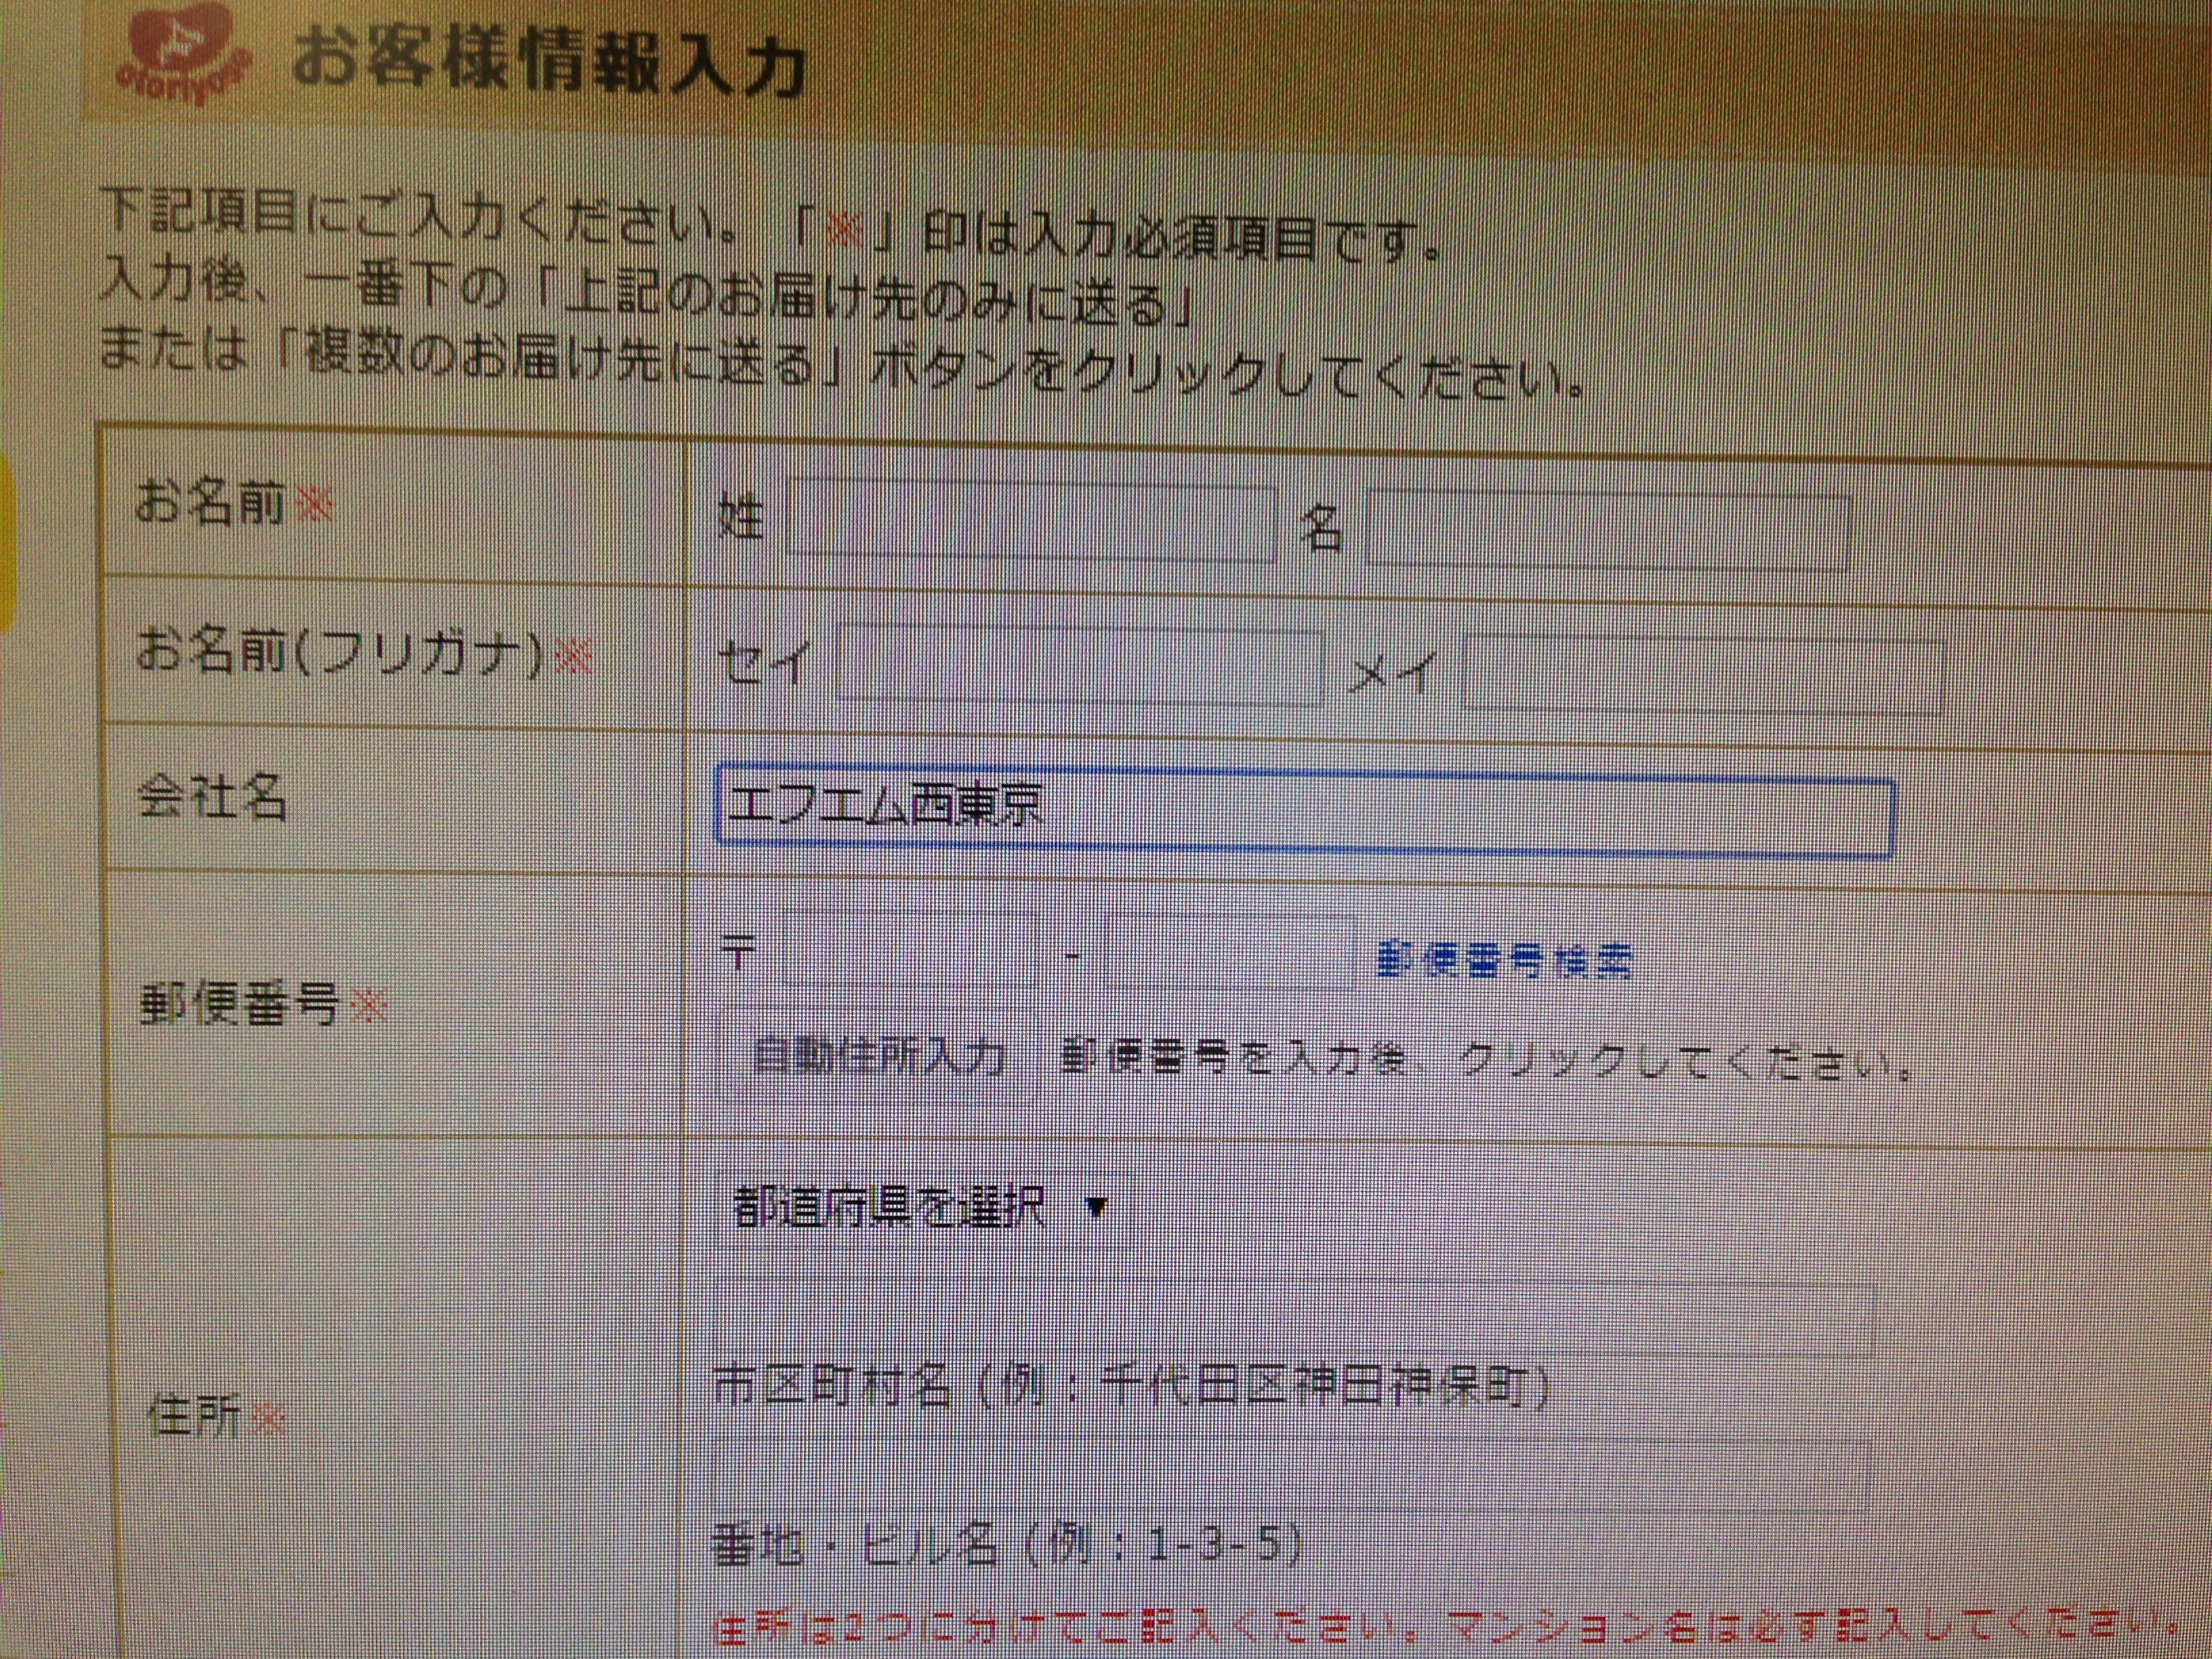 IMG_4469s.JPG